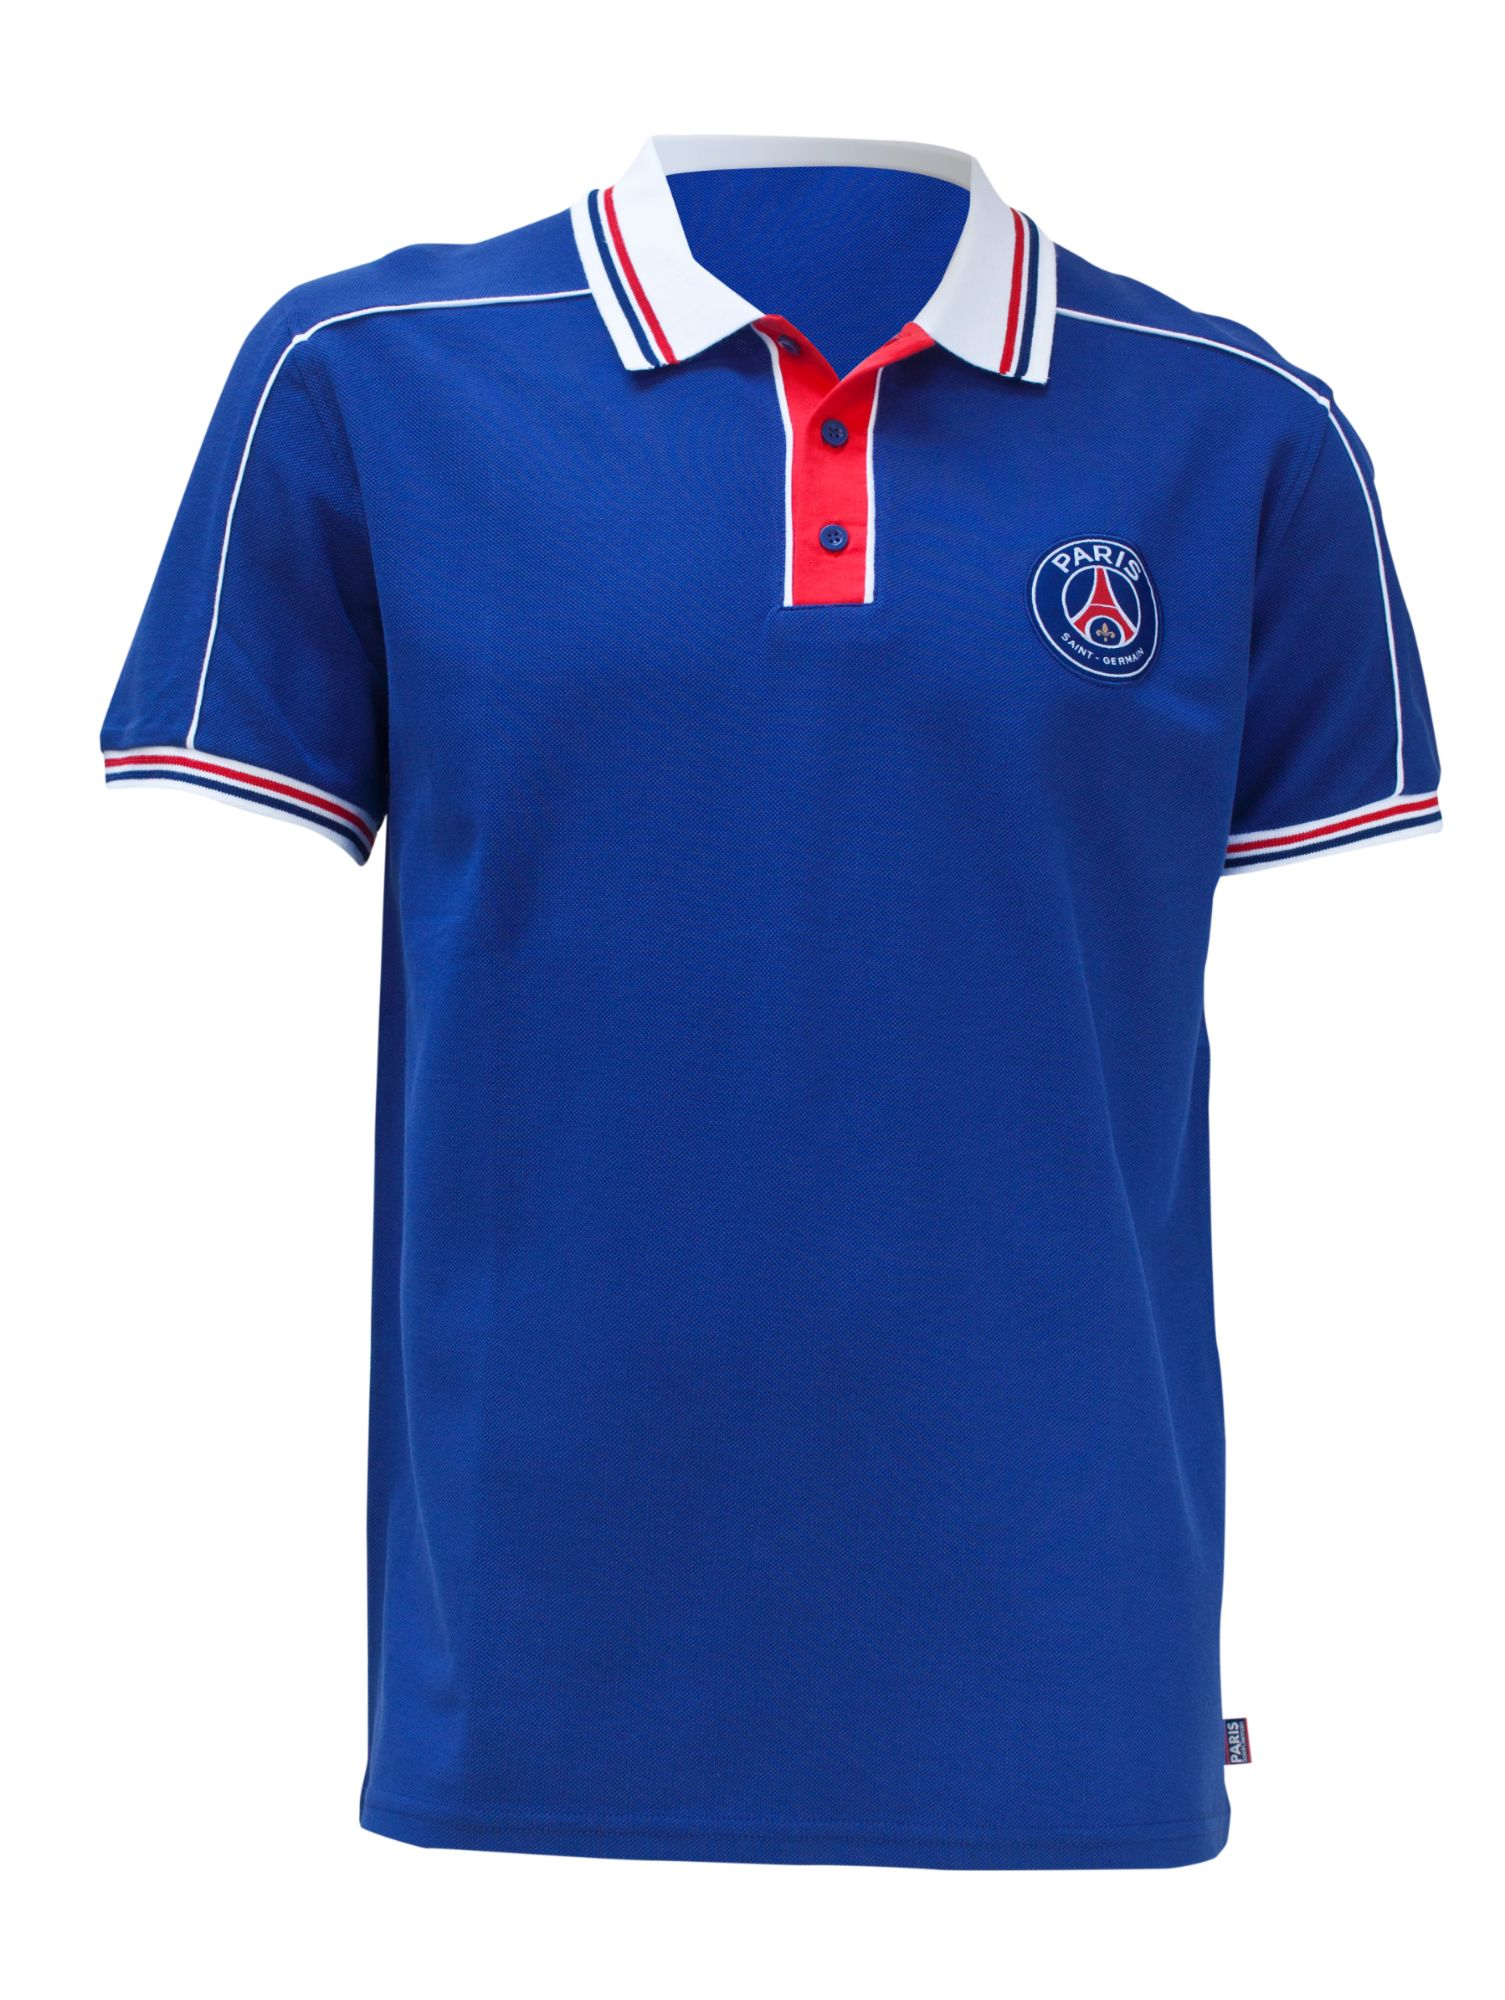 PARIS SAINT GERMAIN Polo PSG Collection Officielle Taille Adulte Homme